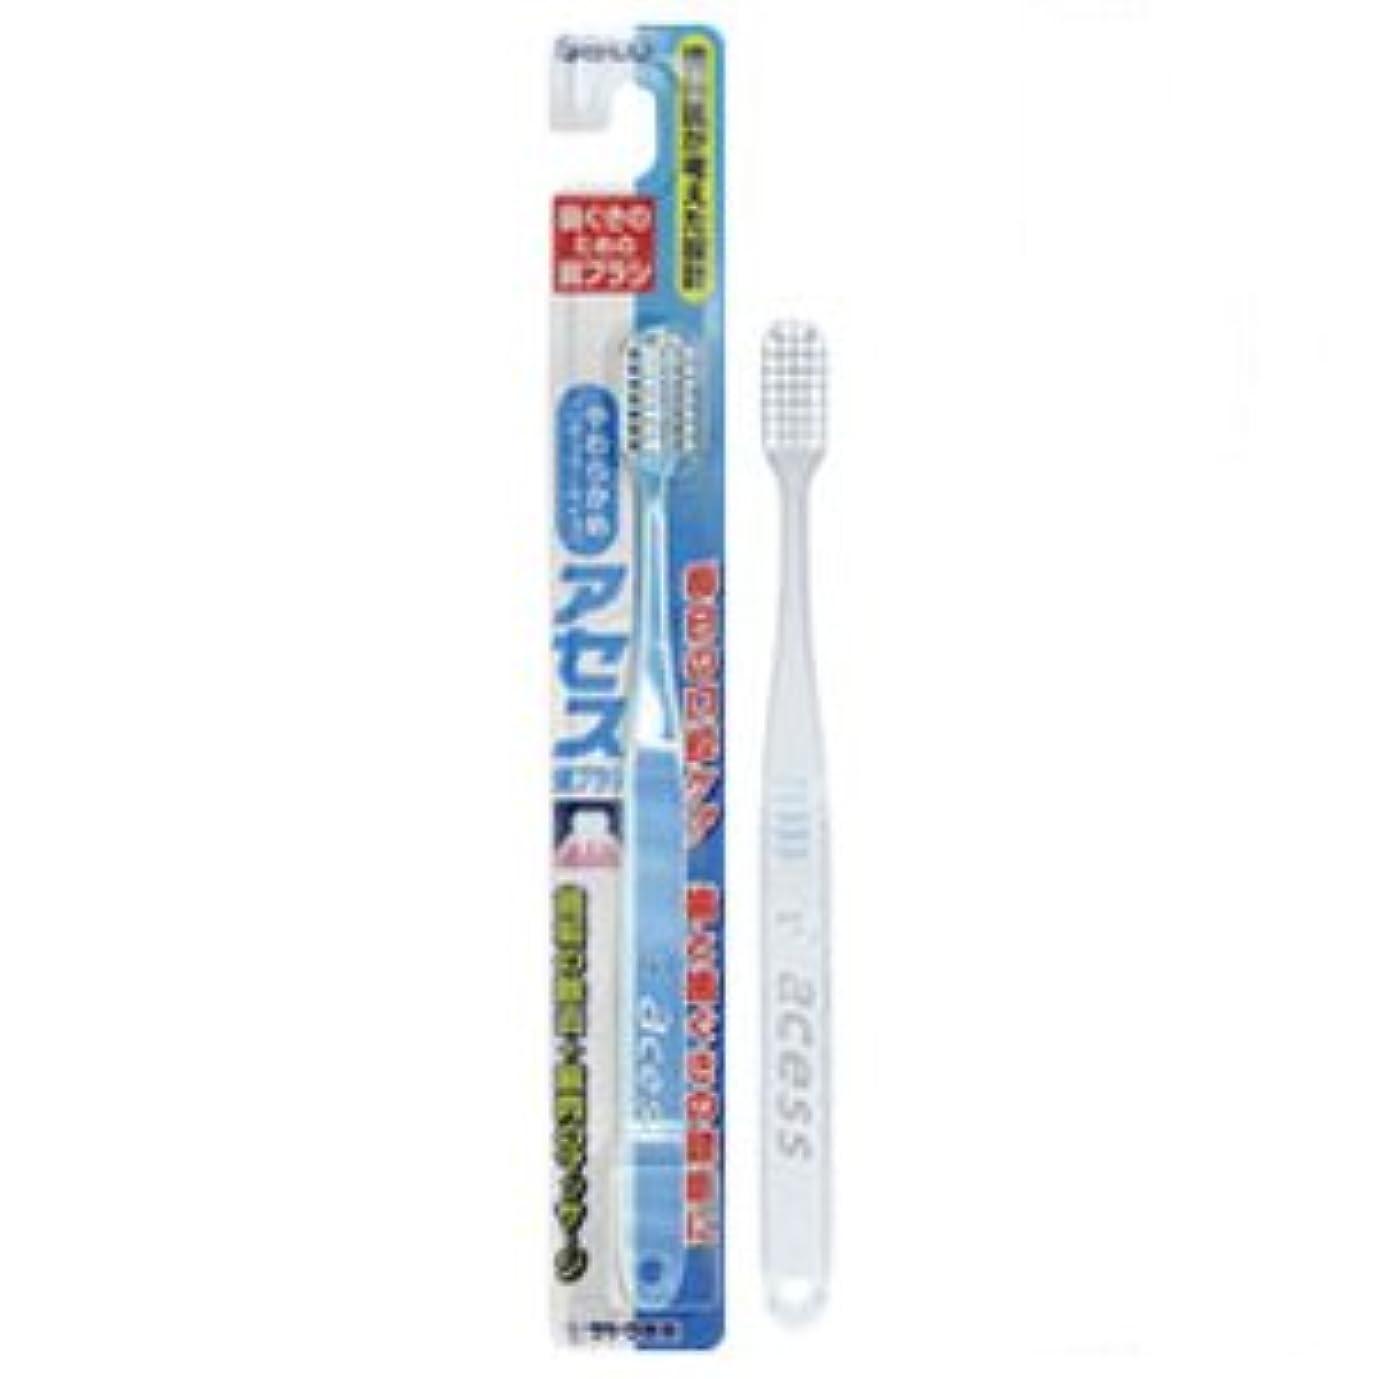 まともな気分が良い複製アセス歯ブラシ やわらかめ(レギュラータイプ) クリア 12本